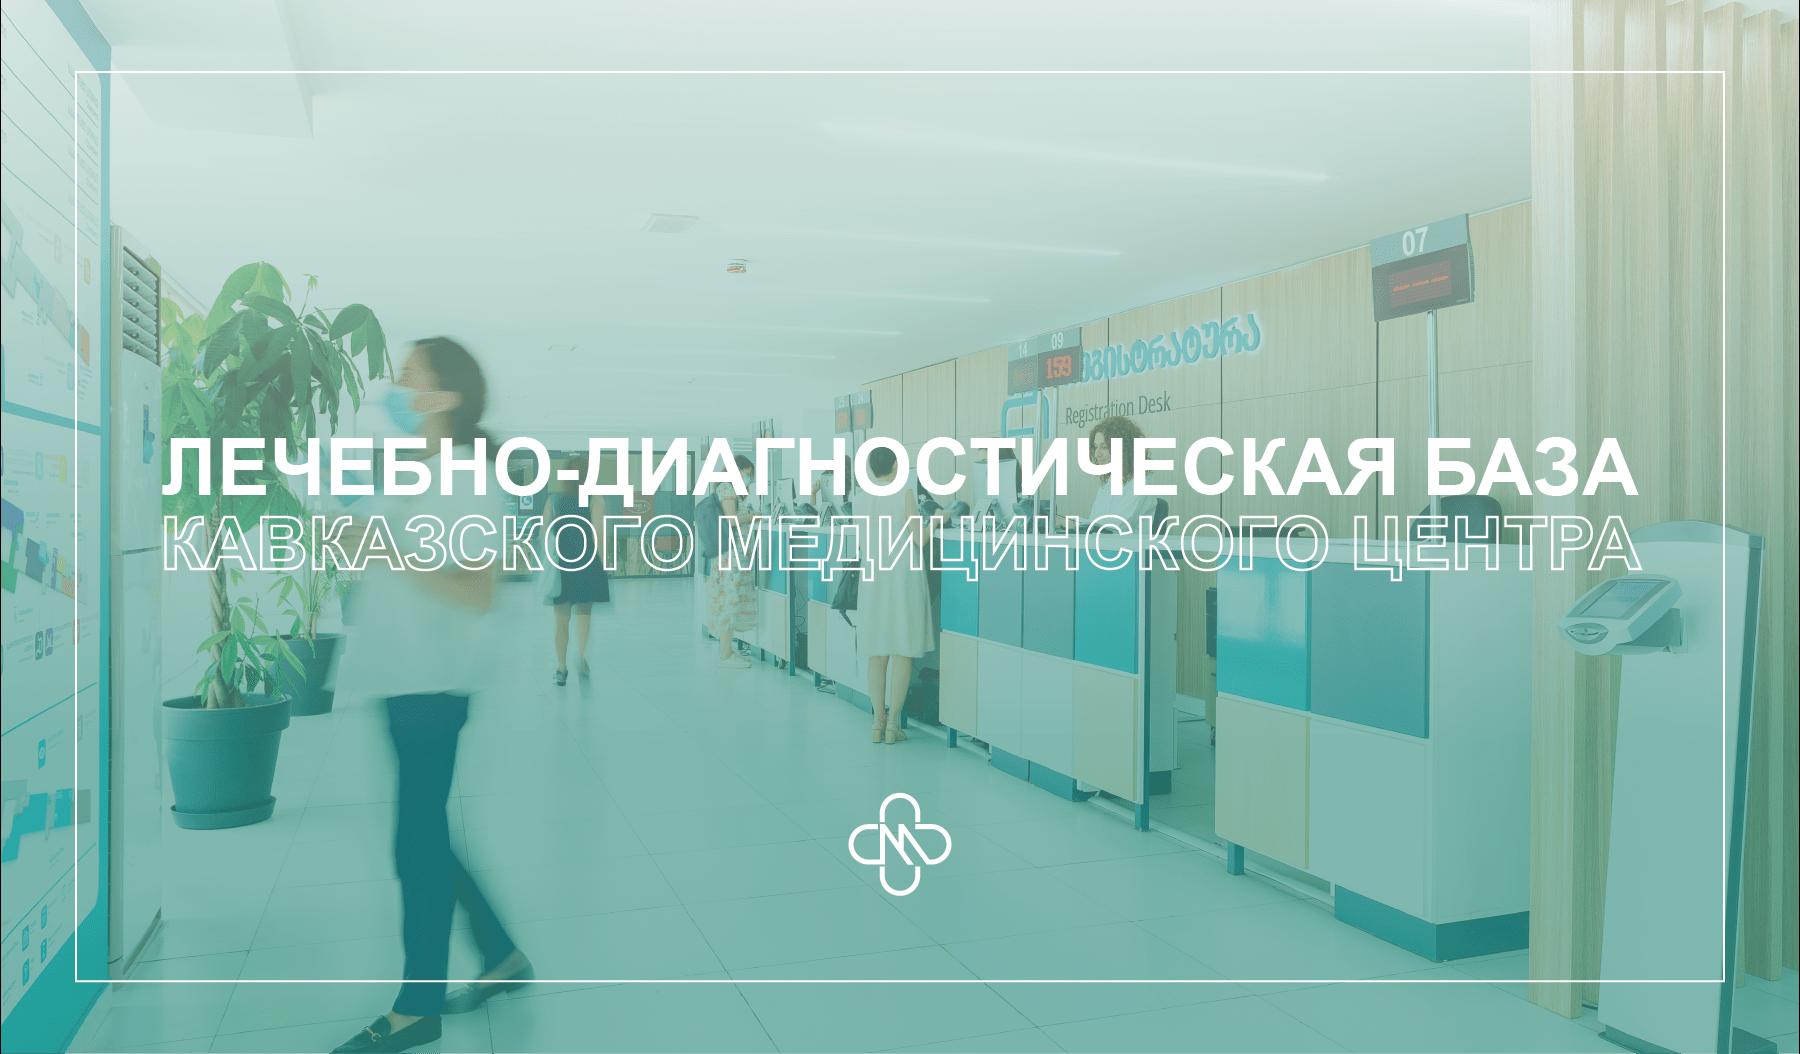 Лечебно-диагностическая база Кавказского Медицинского Центра